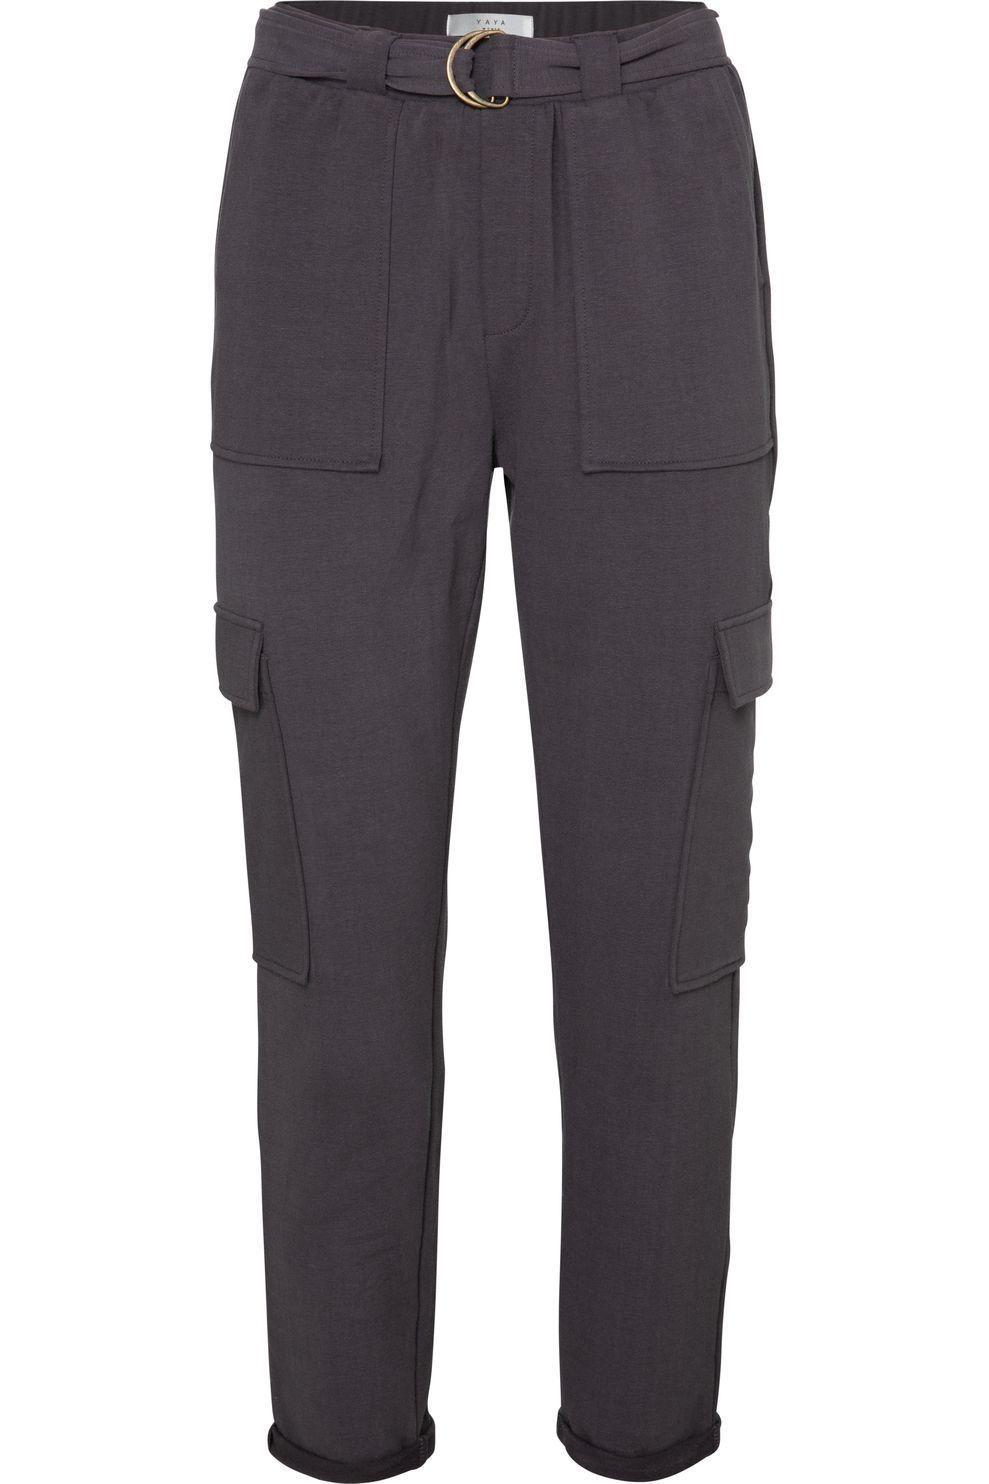 YAYA Broek Belted Cargo Jogger Pants With Folded Hems voor dames - Grijs - Maten: S, M, L